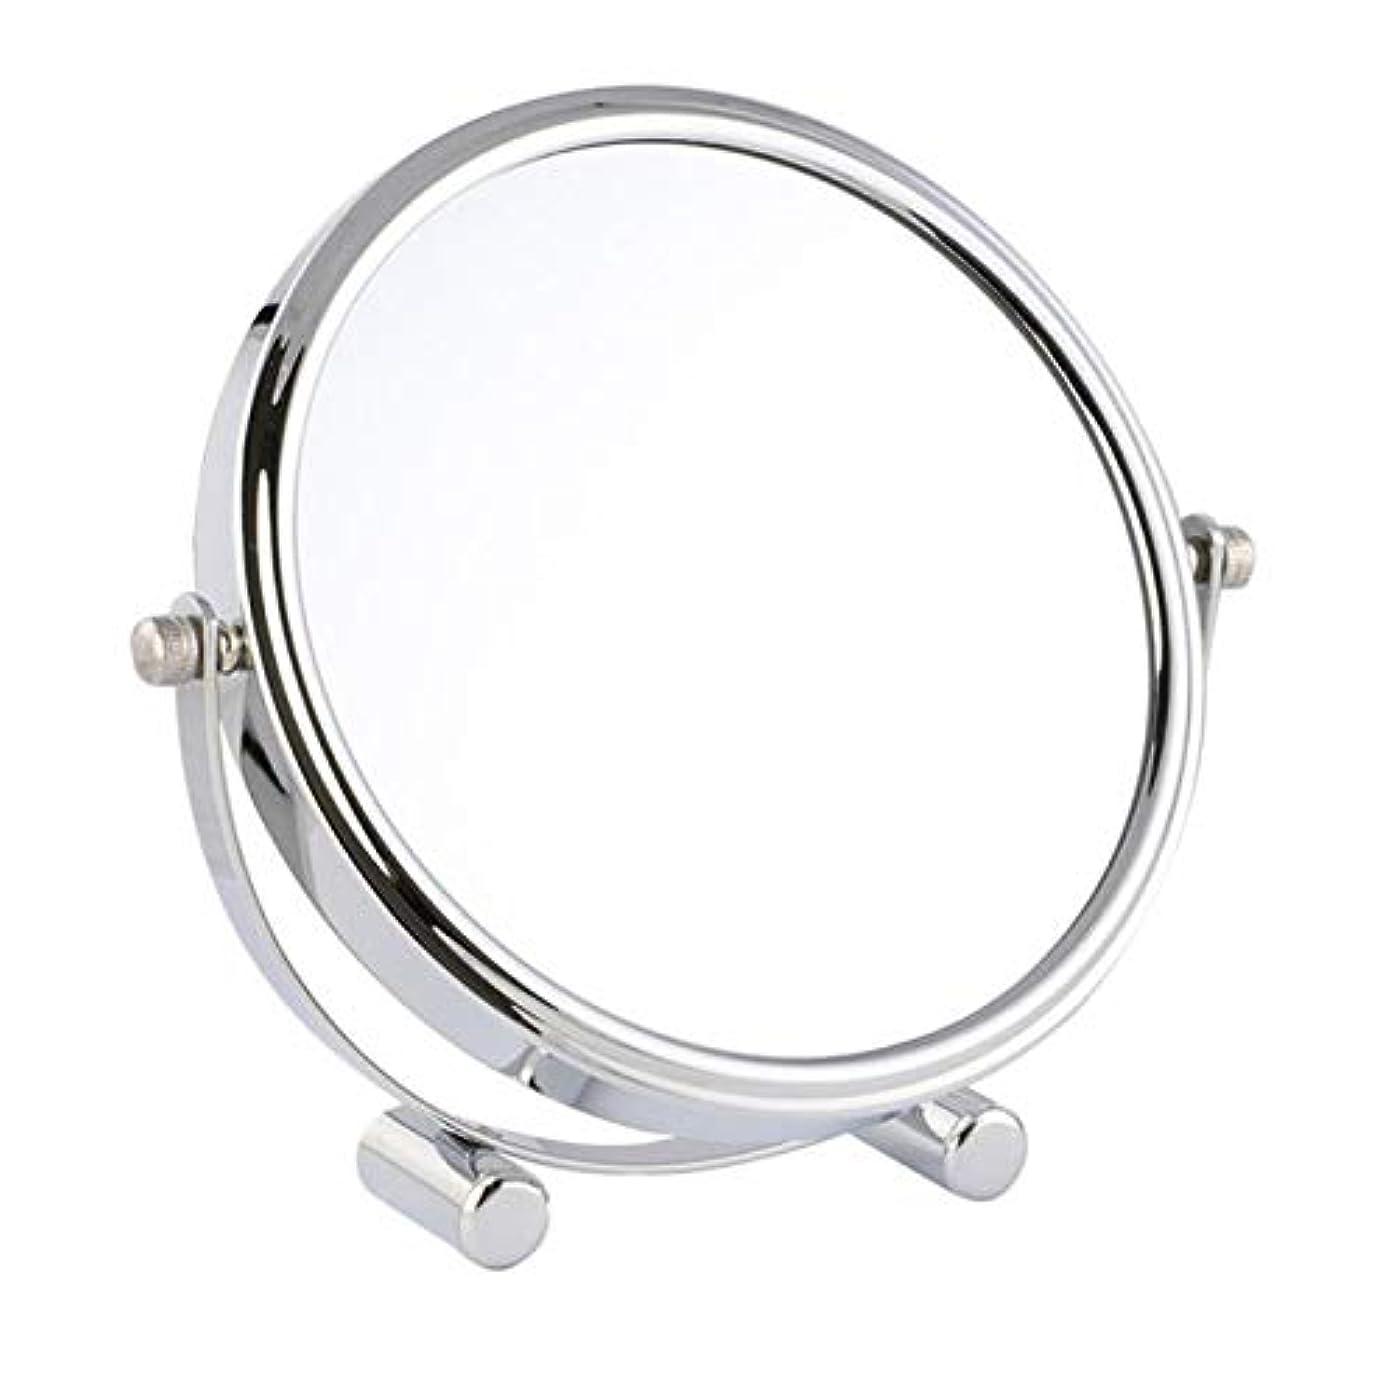 課税バッフルカカドゥ化粧鏡 女優ミラー けメイクミラー スタンドミラー 卓上鏡 化粧道具 両面鏡 片面2倍 拡大鏡 360度回転 鏡面直径17cm